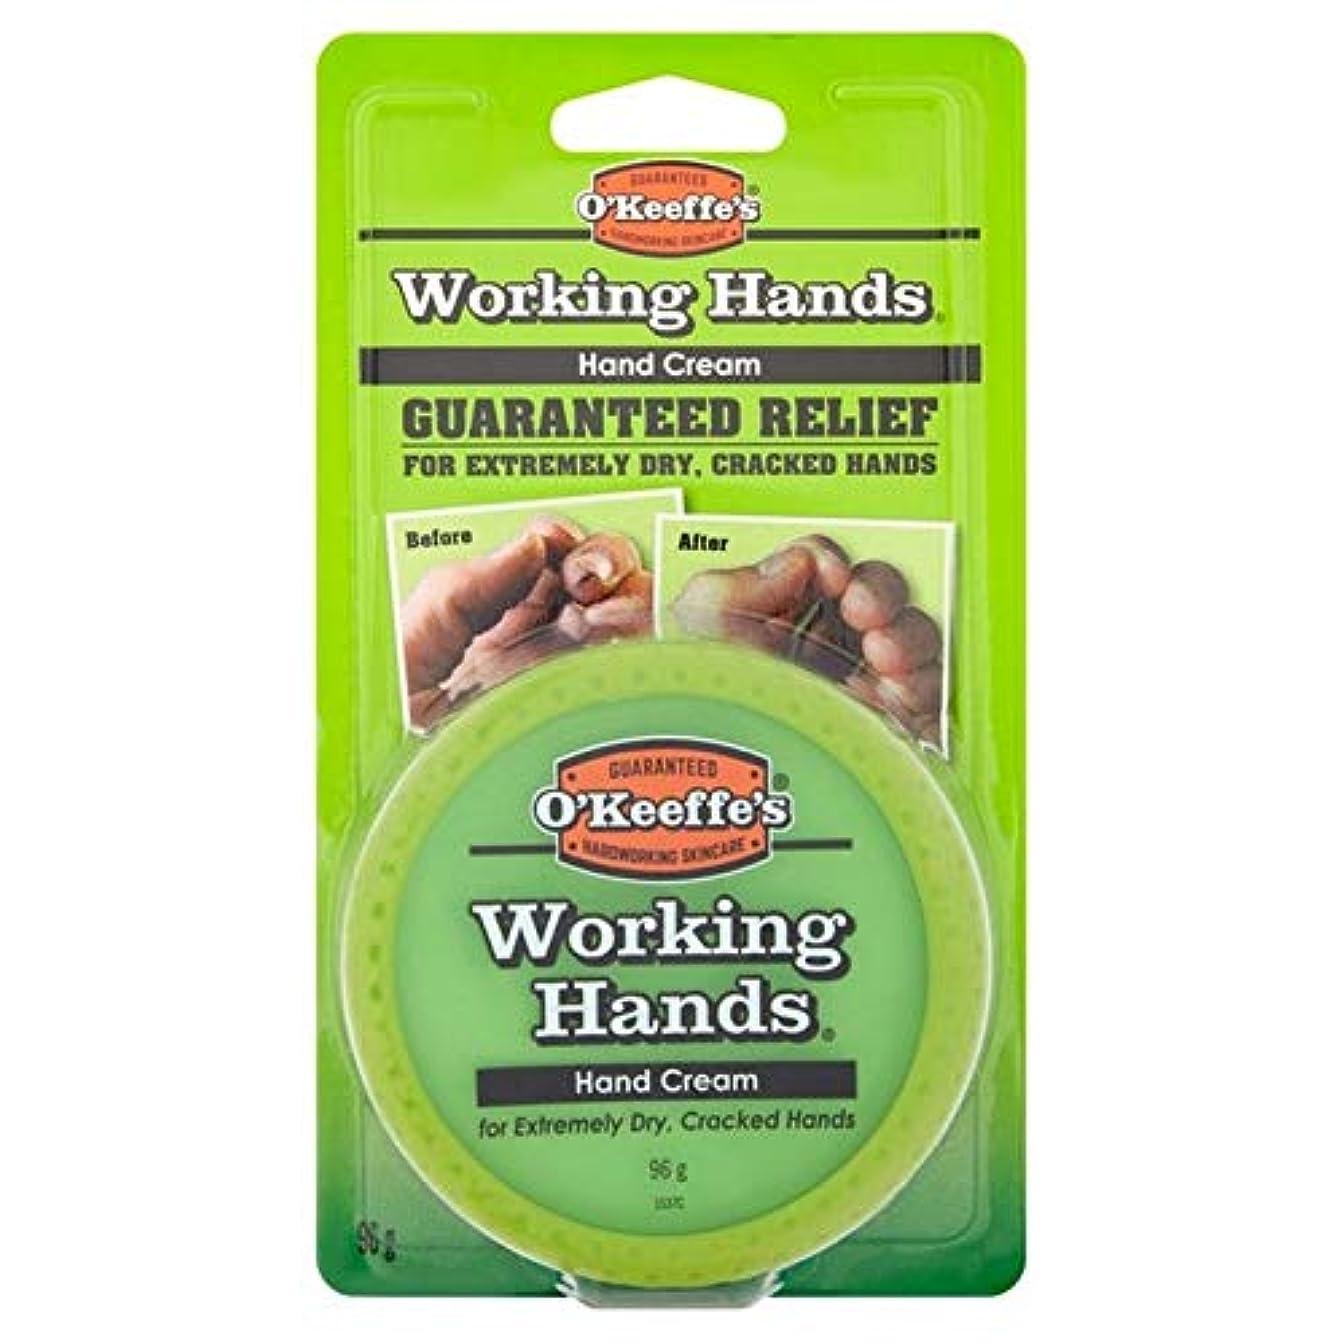 戸口眠いです市町村[O'Keeffes] オキーフの作業の手クリーム96グラム - O'Keeffe's Working Hands Cream 96g [並行輸入品]